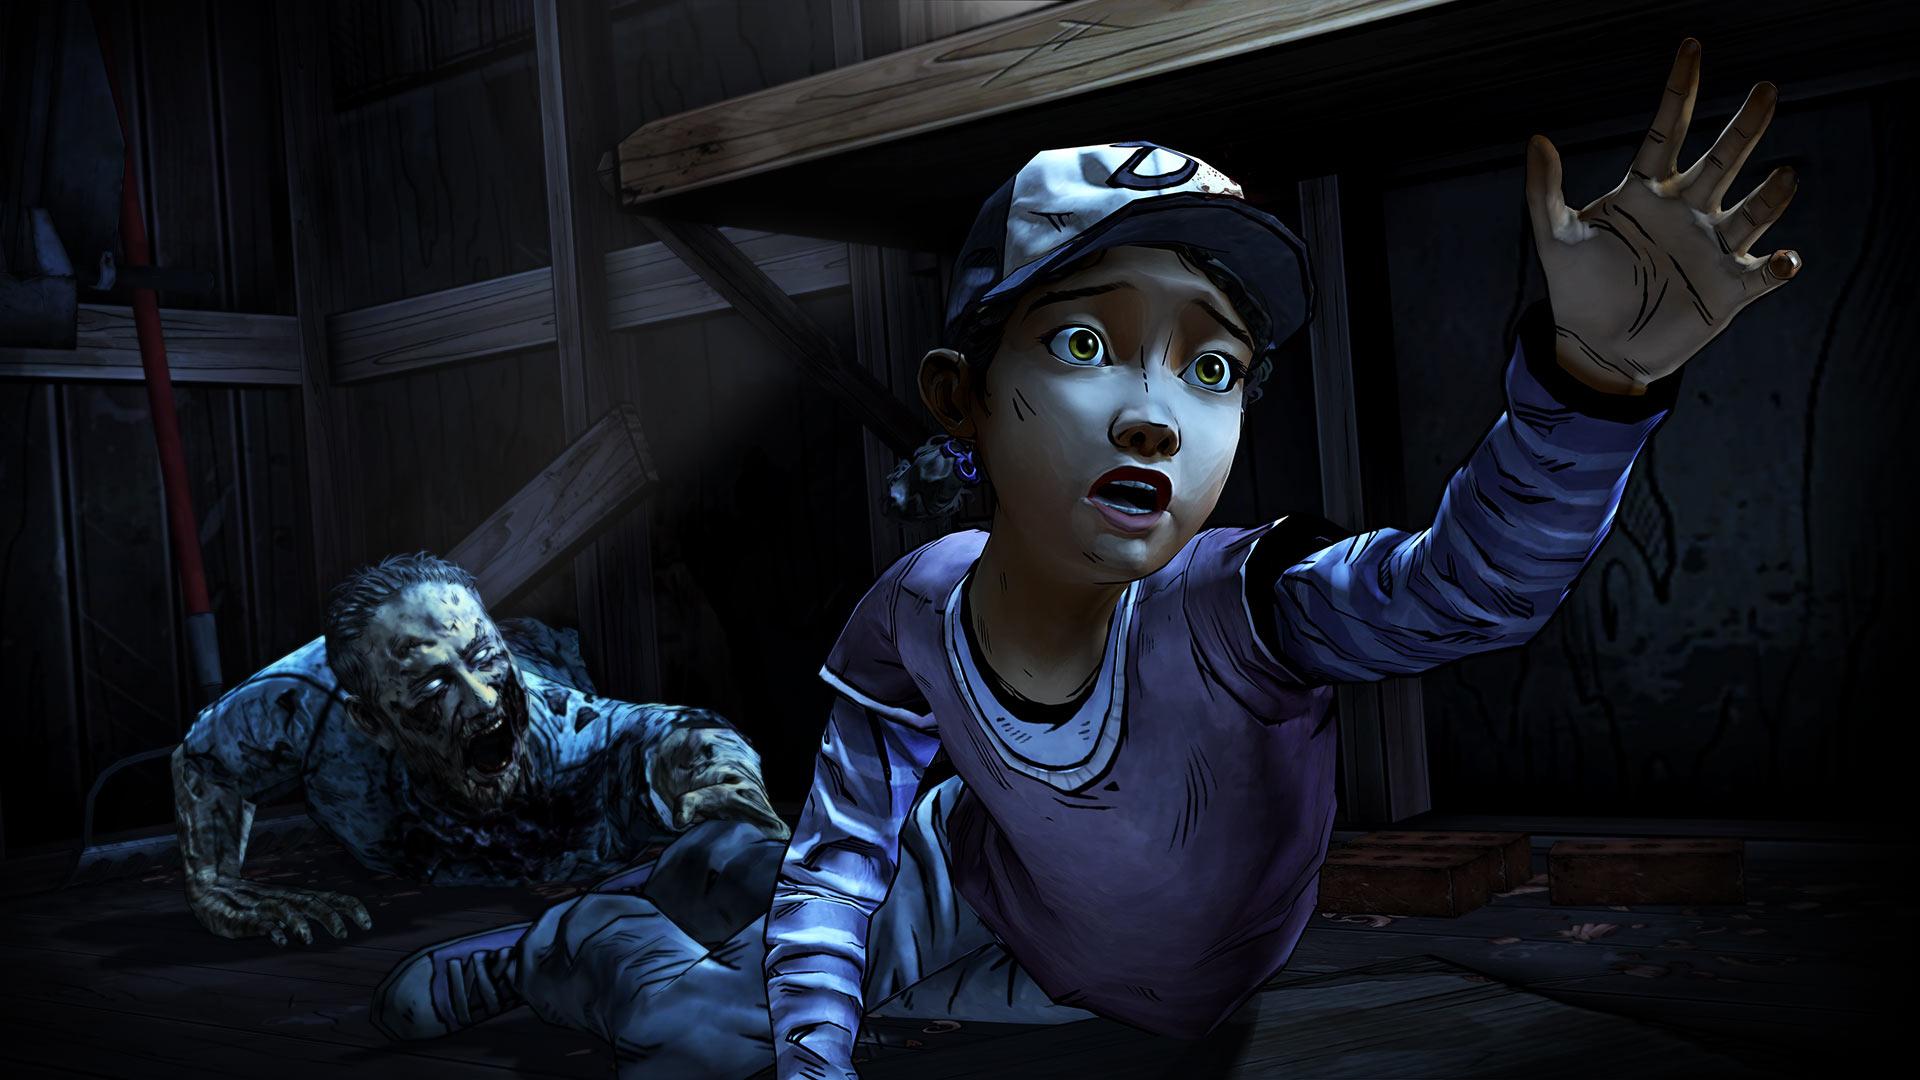 The Walking Dead: Season Two - it looks like Clemy's still in trouble